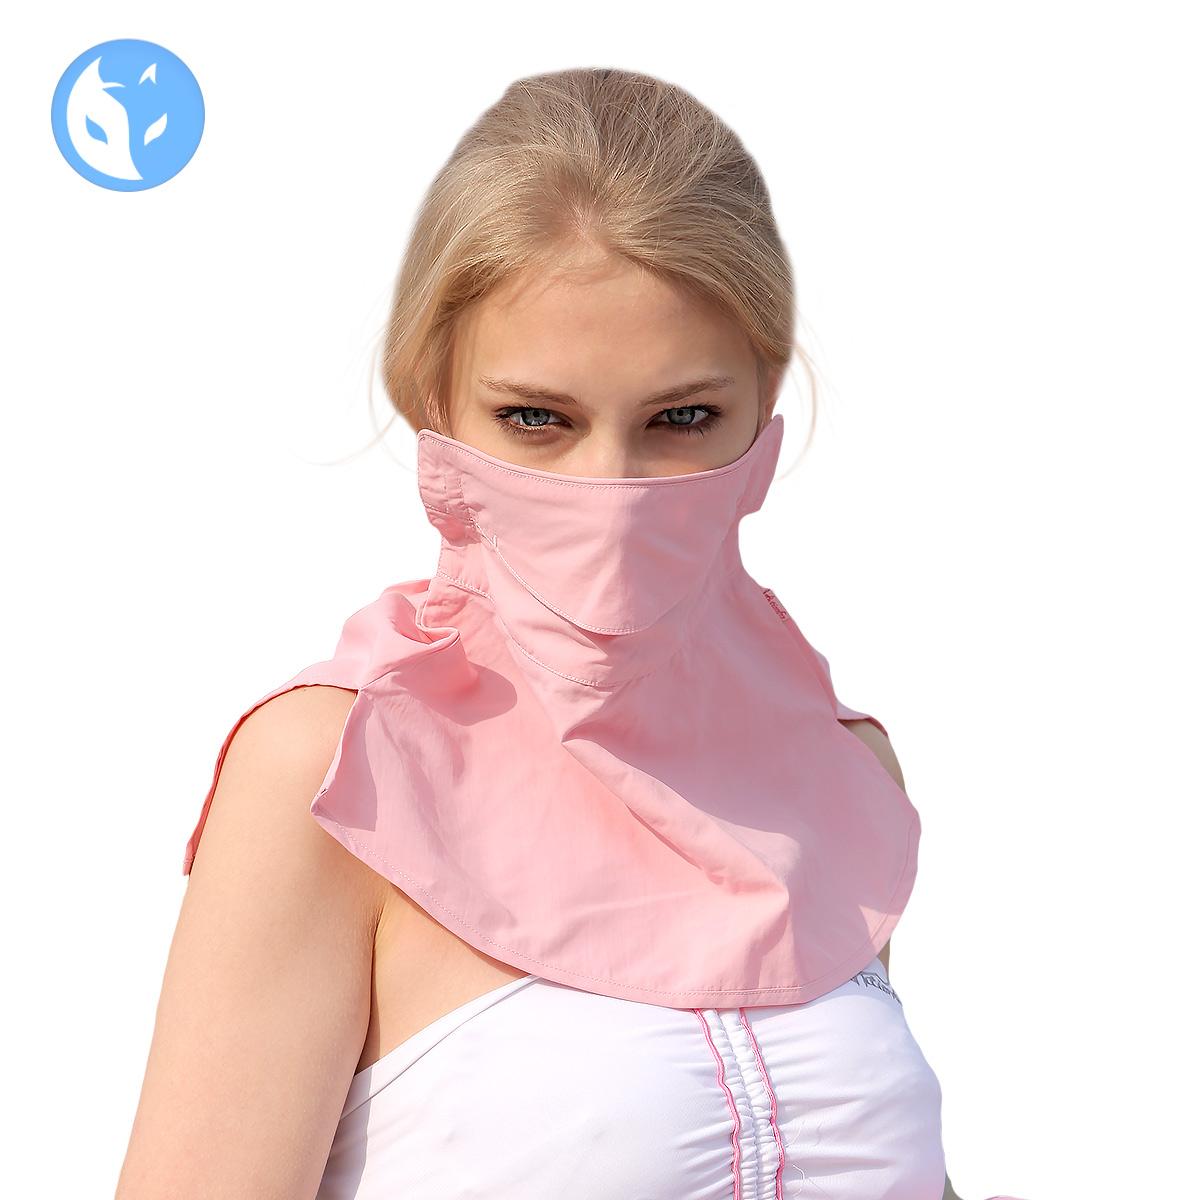 快乐狐狸夏季女士防晒口罩 透气护颈户外口罩 女防紫外线面罩3342